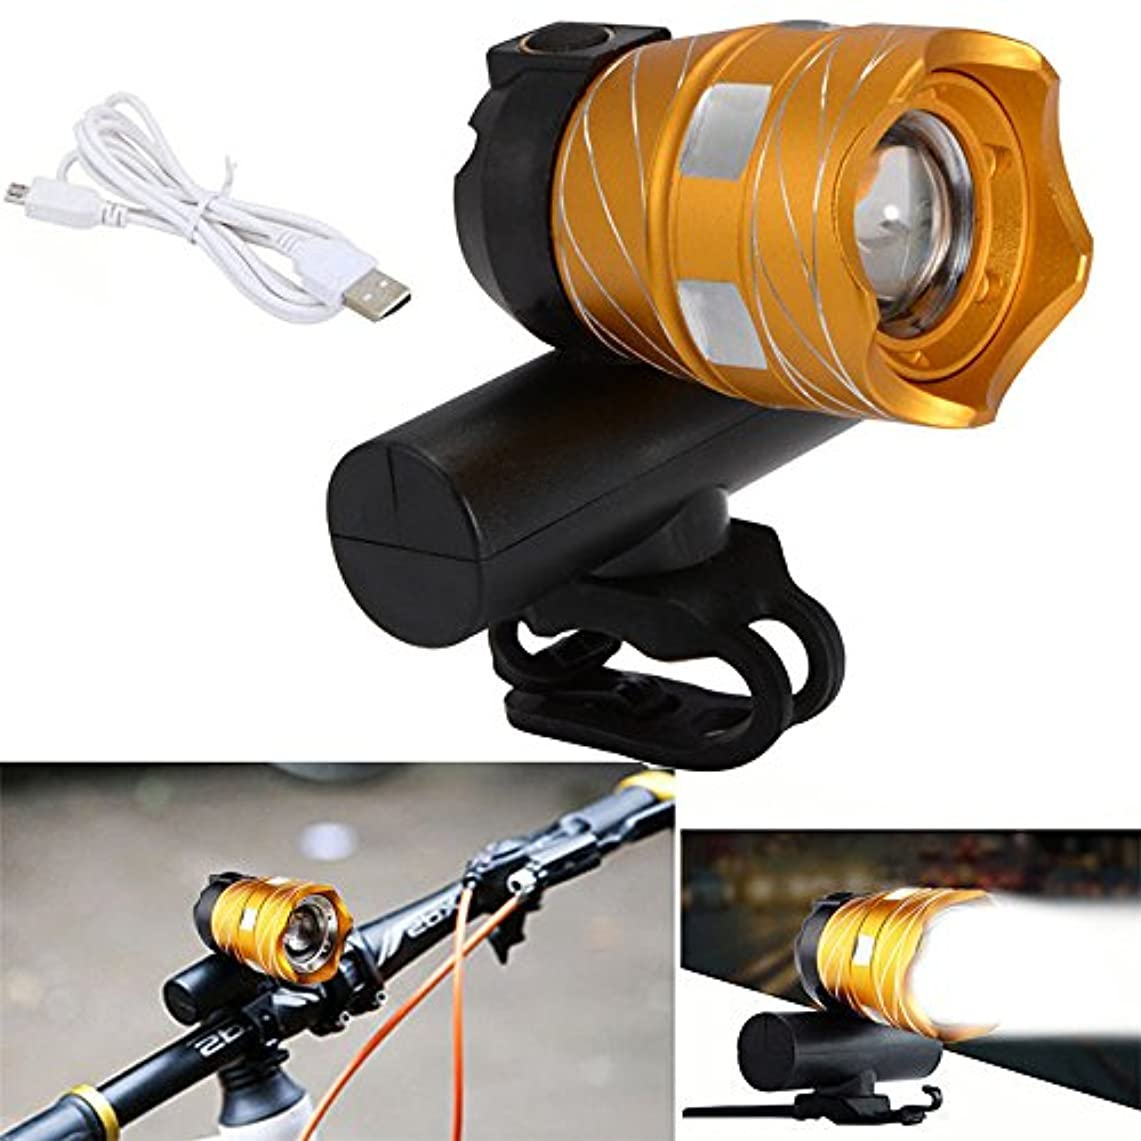 骨髄あいまいマニュアルTRADERPLUS USB充電式LED自転車フロントヘッドライトスーパーブライト自転車ライト、4灯モードオプション、防水IP65(ゴールド)